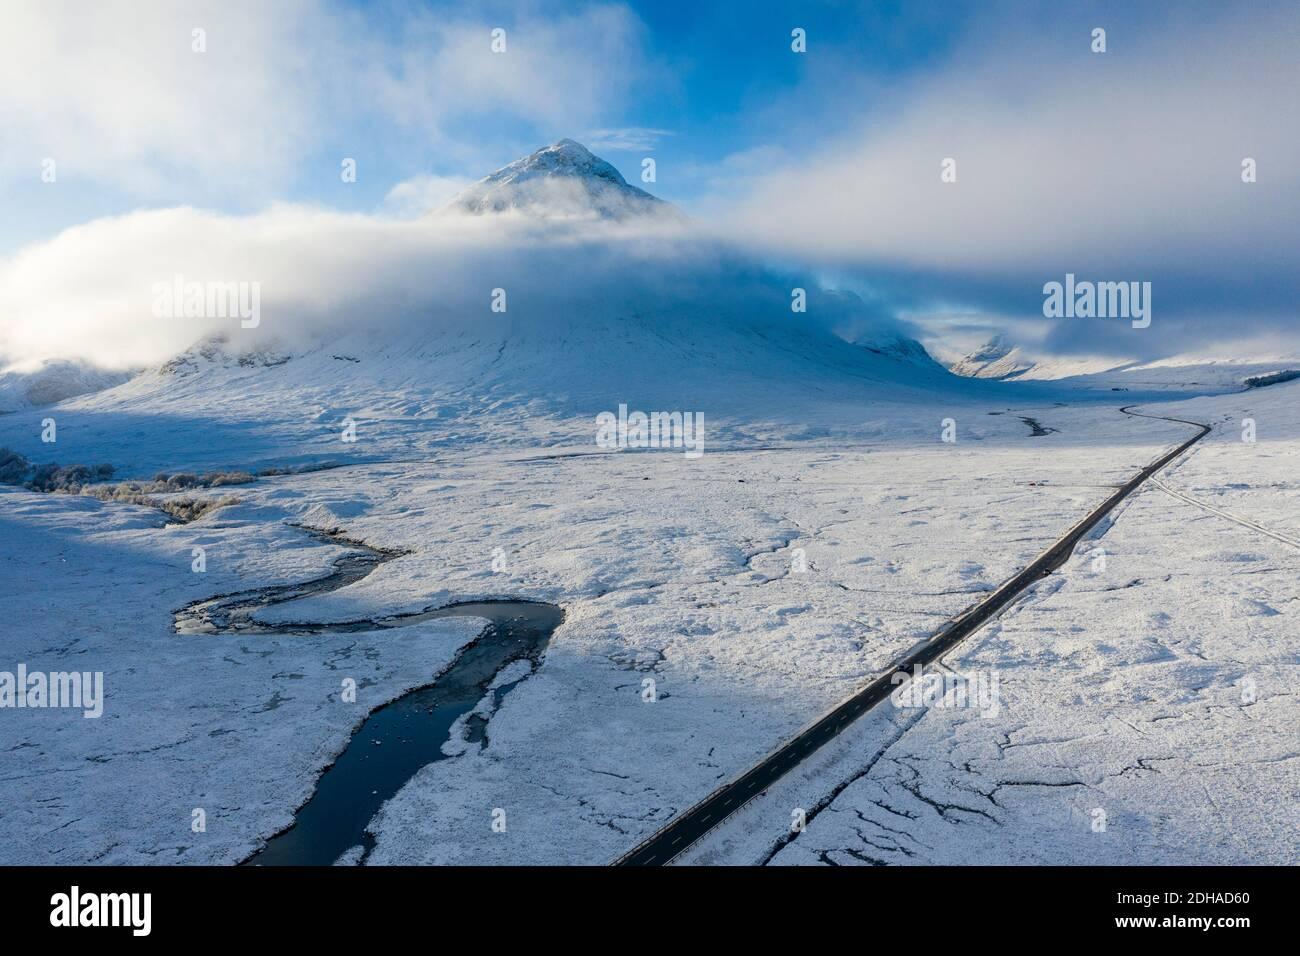 Vista aérea cubierto paisaje de invierno de Glen Coe en las tierras altas de Escocia, Escocia, Reino Unido Foto de stock